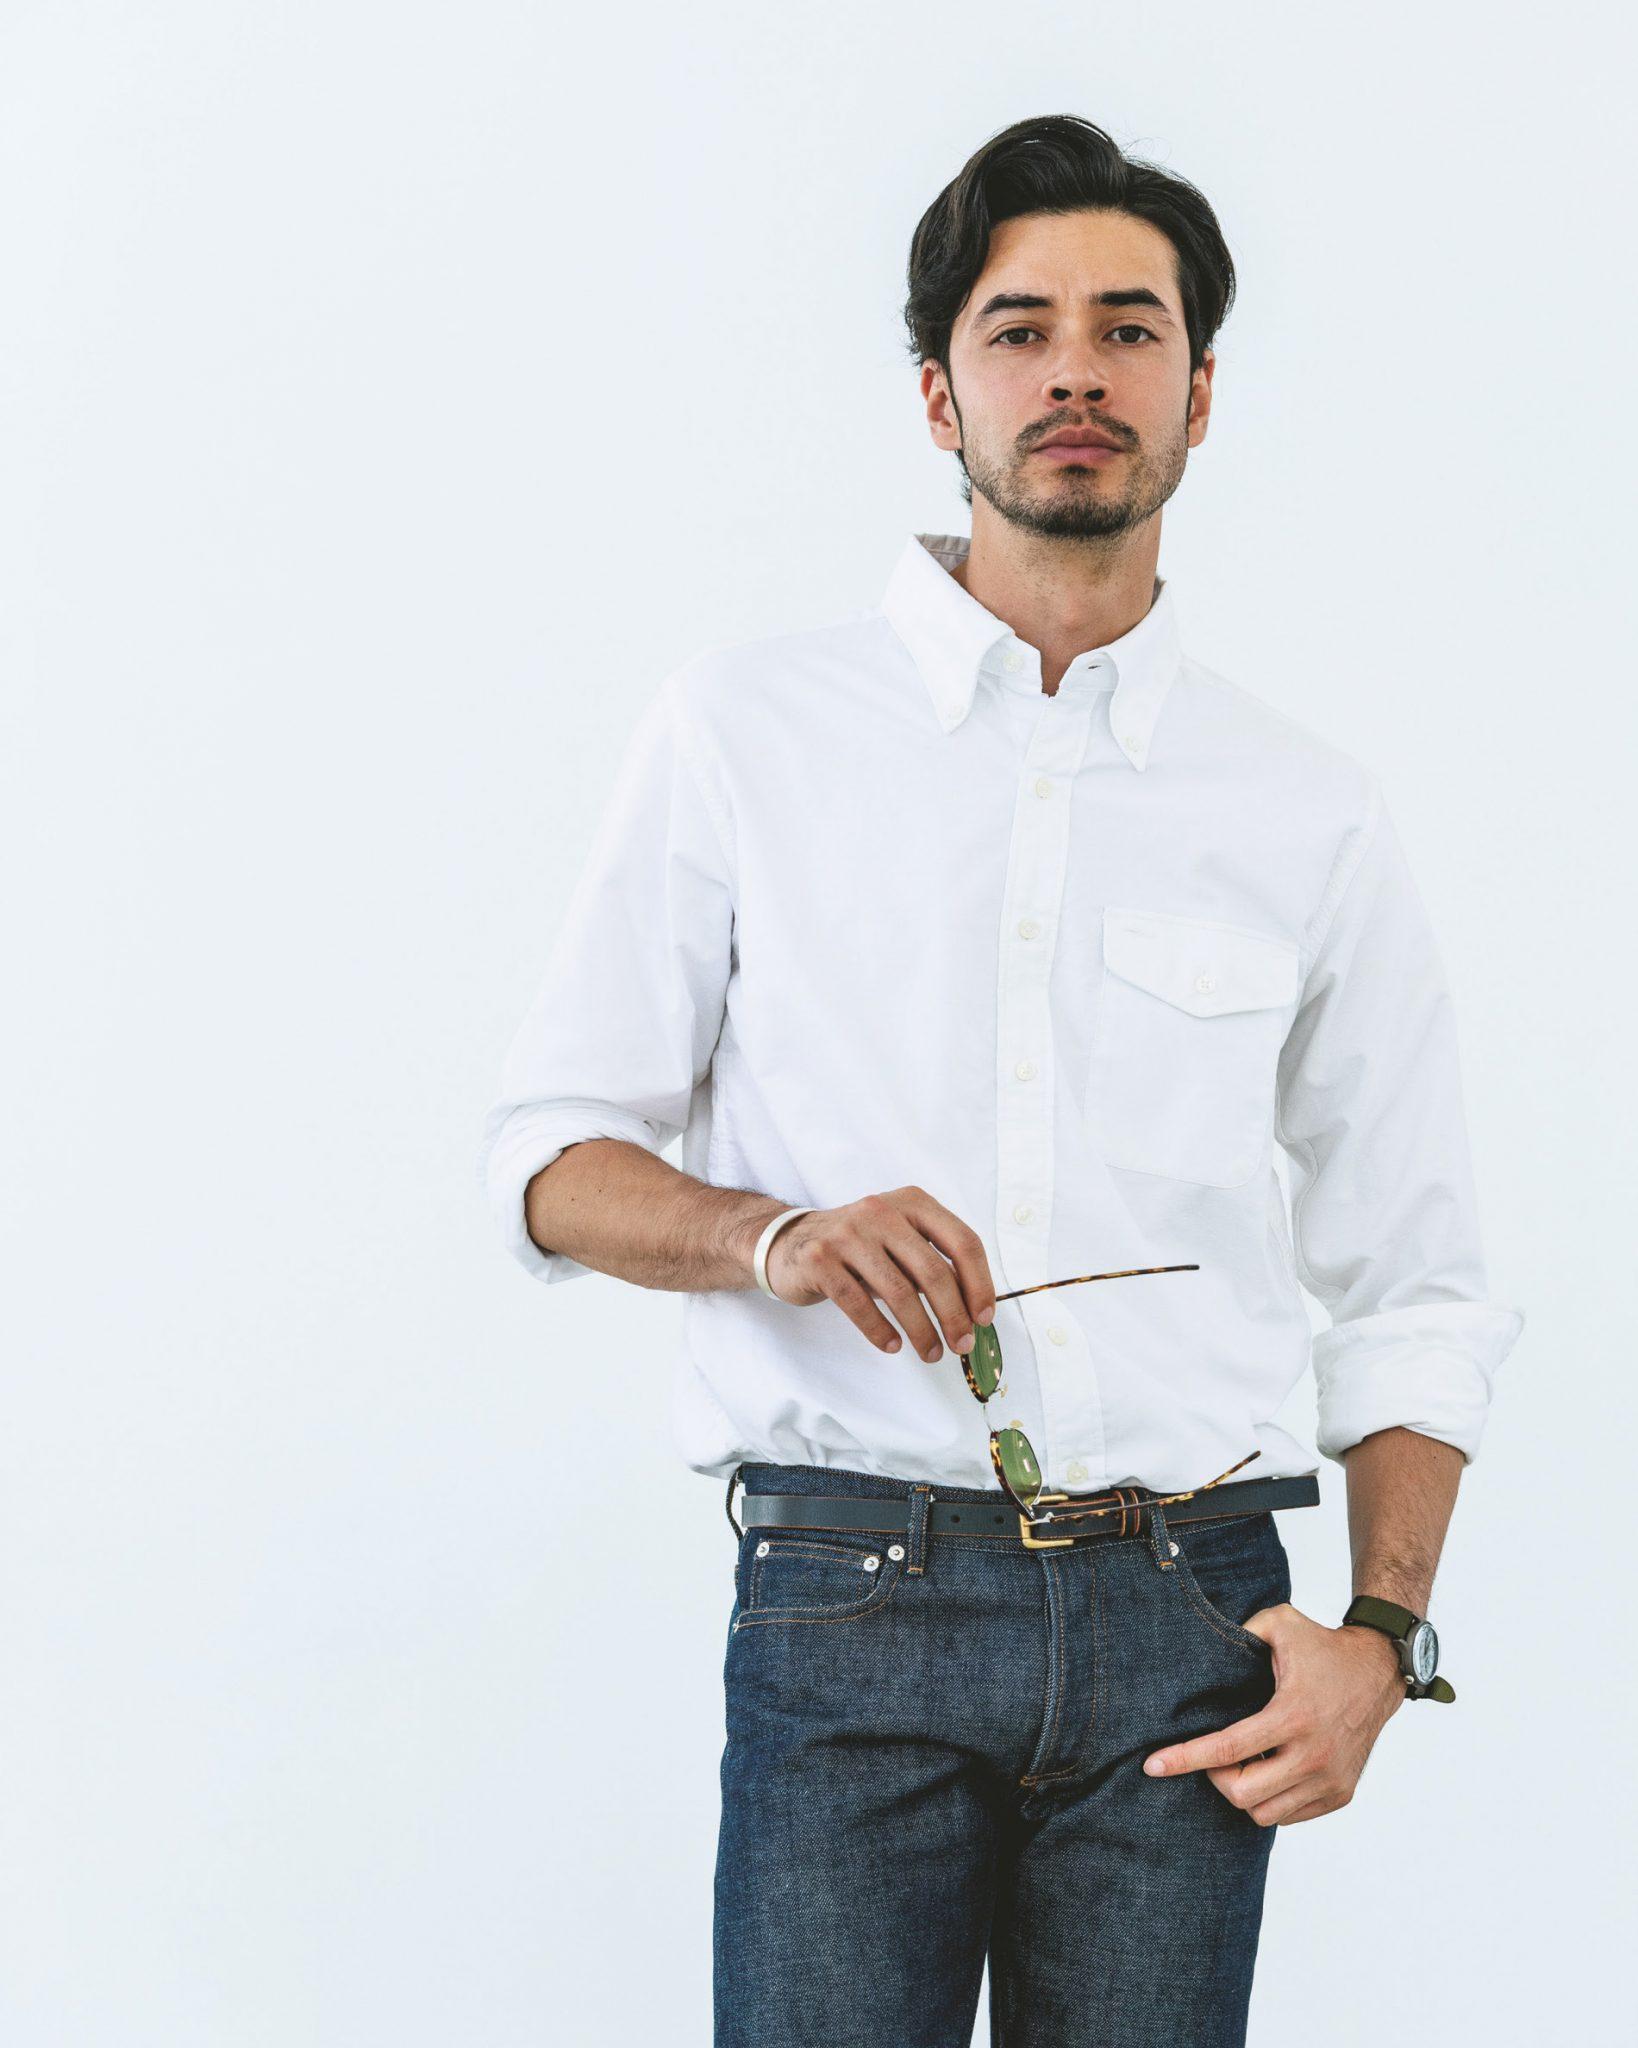 1ecccceab54a1 濃紺のリジッドデニムを合わせて白シャツの清潔感をさらに際立たせたスタイリング。ちょっとルーズにタックインすることで大人の余裕も主張している。